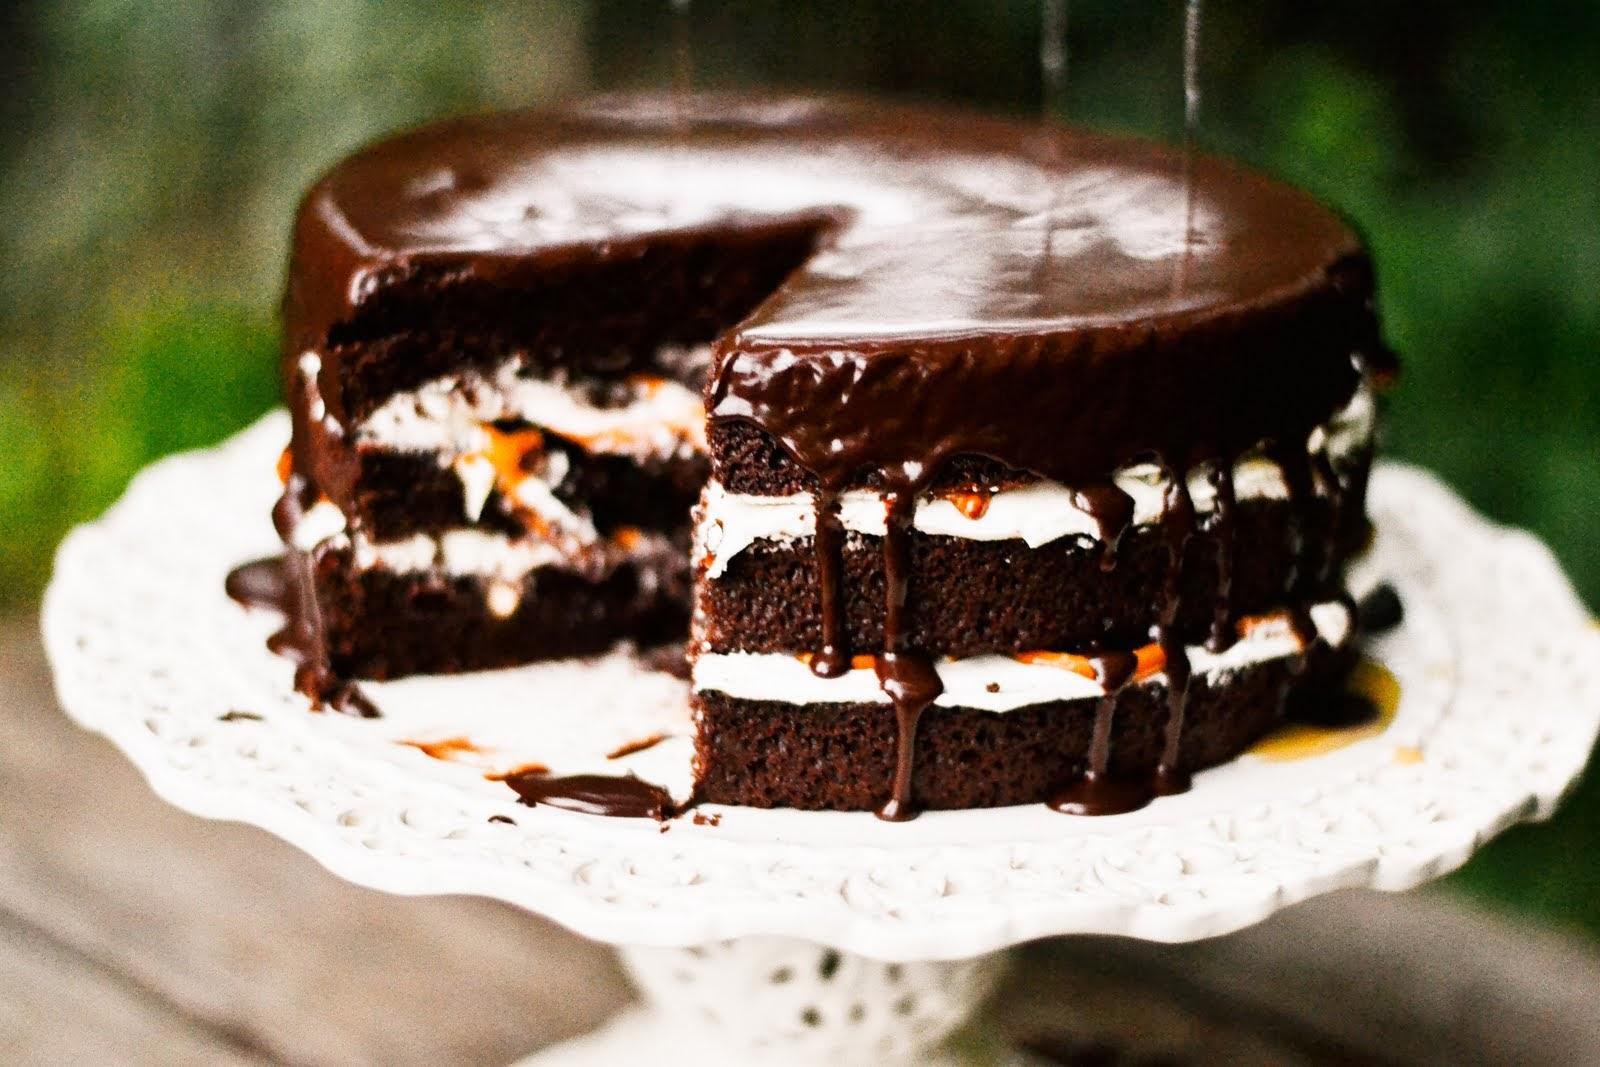 mocha+bday+cake-25.jpg